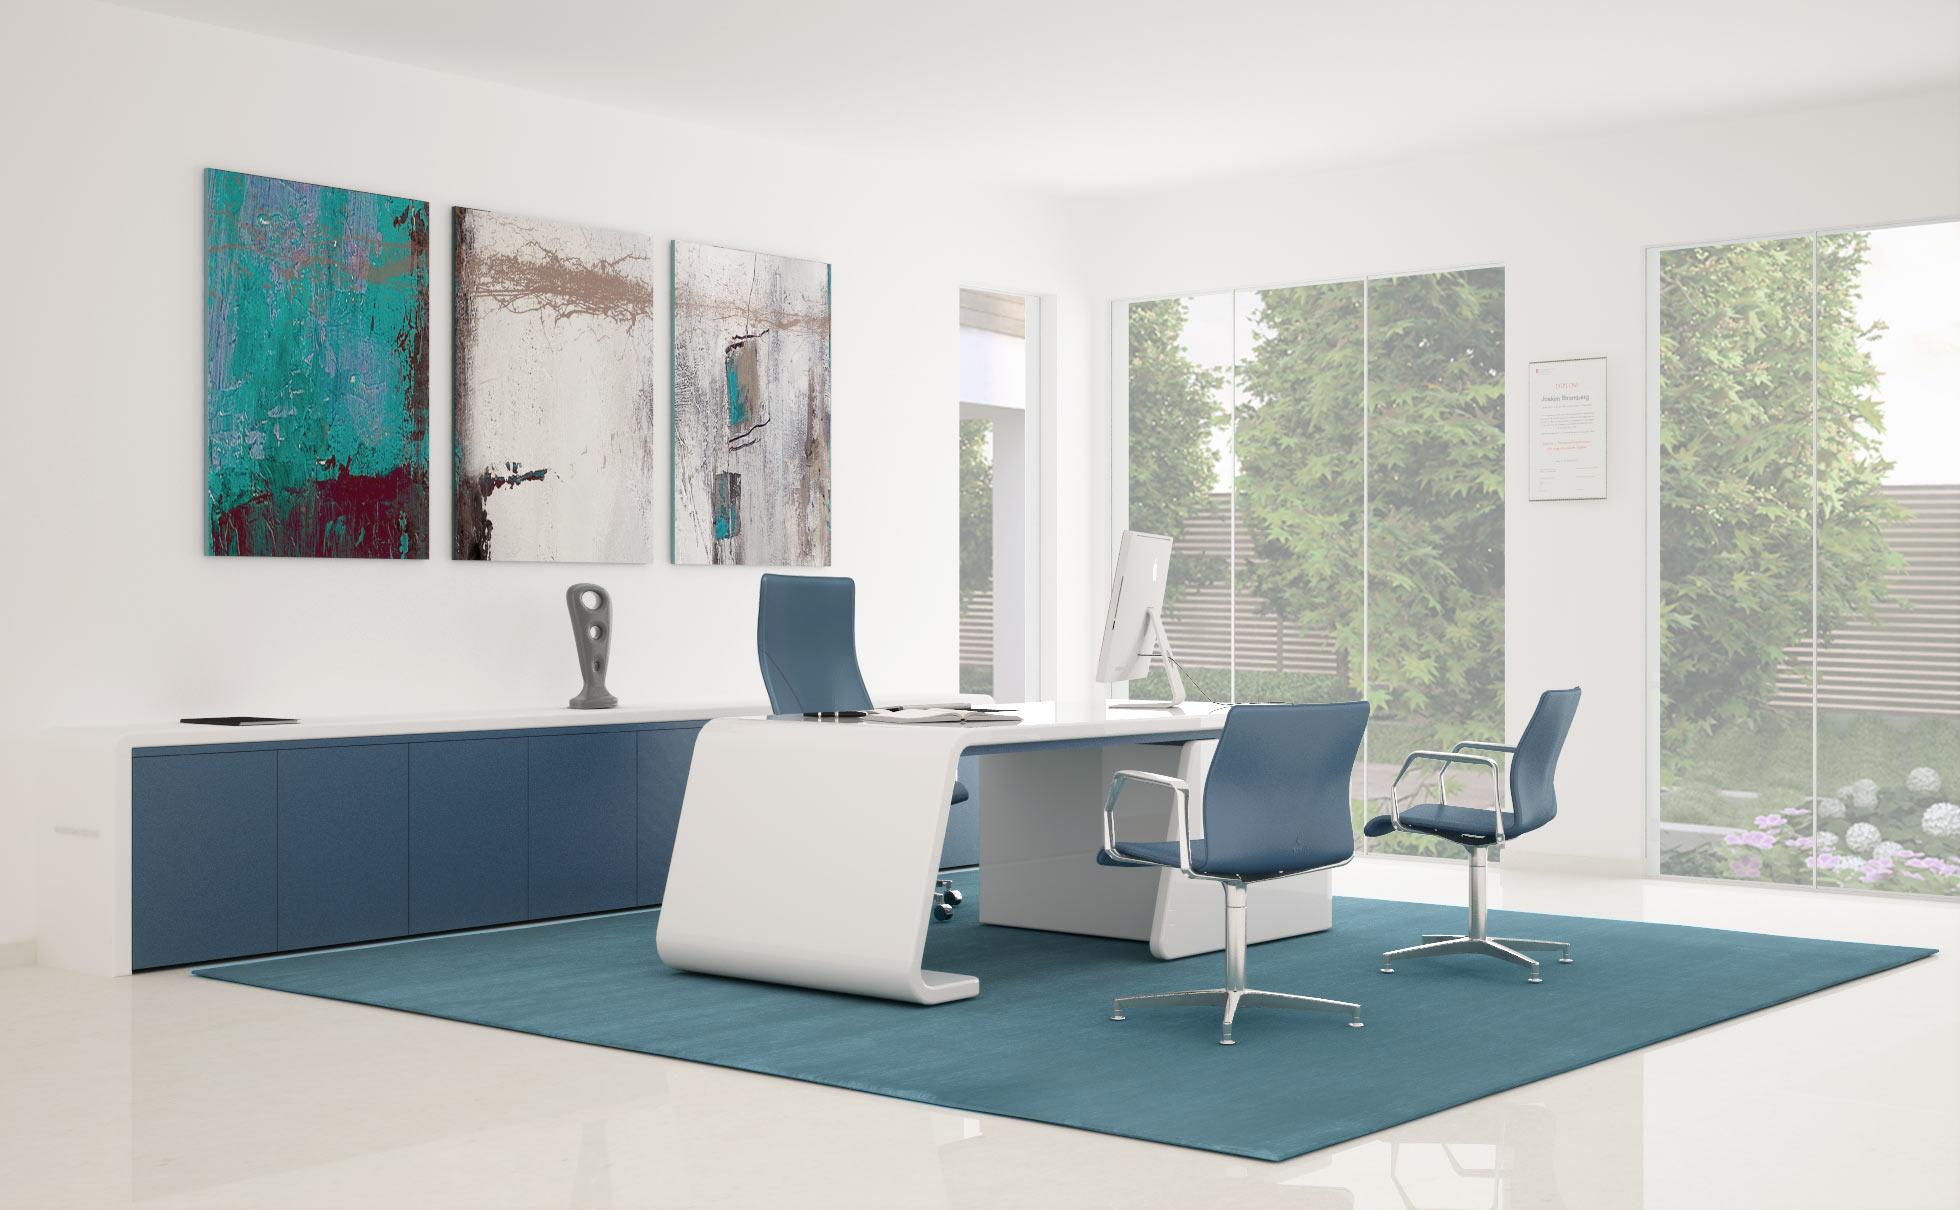 Fornitura arredamenti completi per uffici eleganti. Mobili Per Ufficio Direzionali Kleos Compositeur D Espace